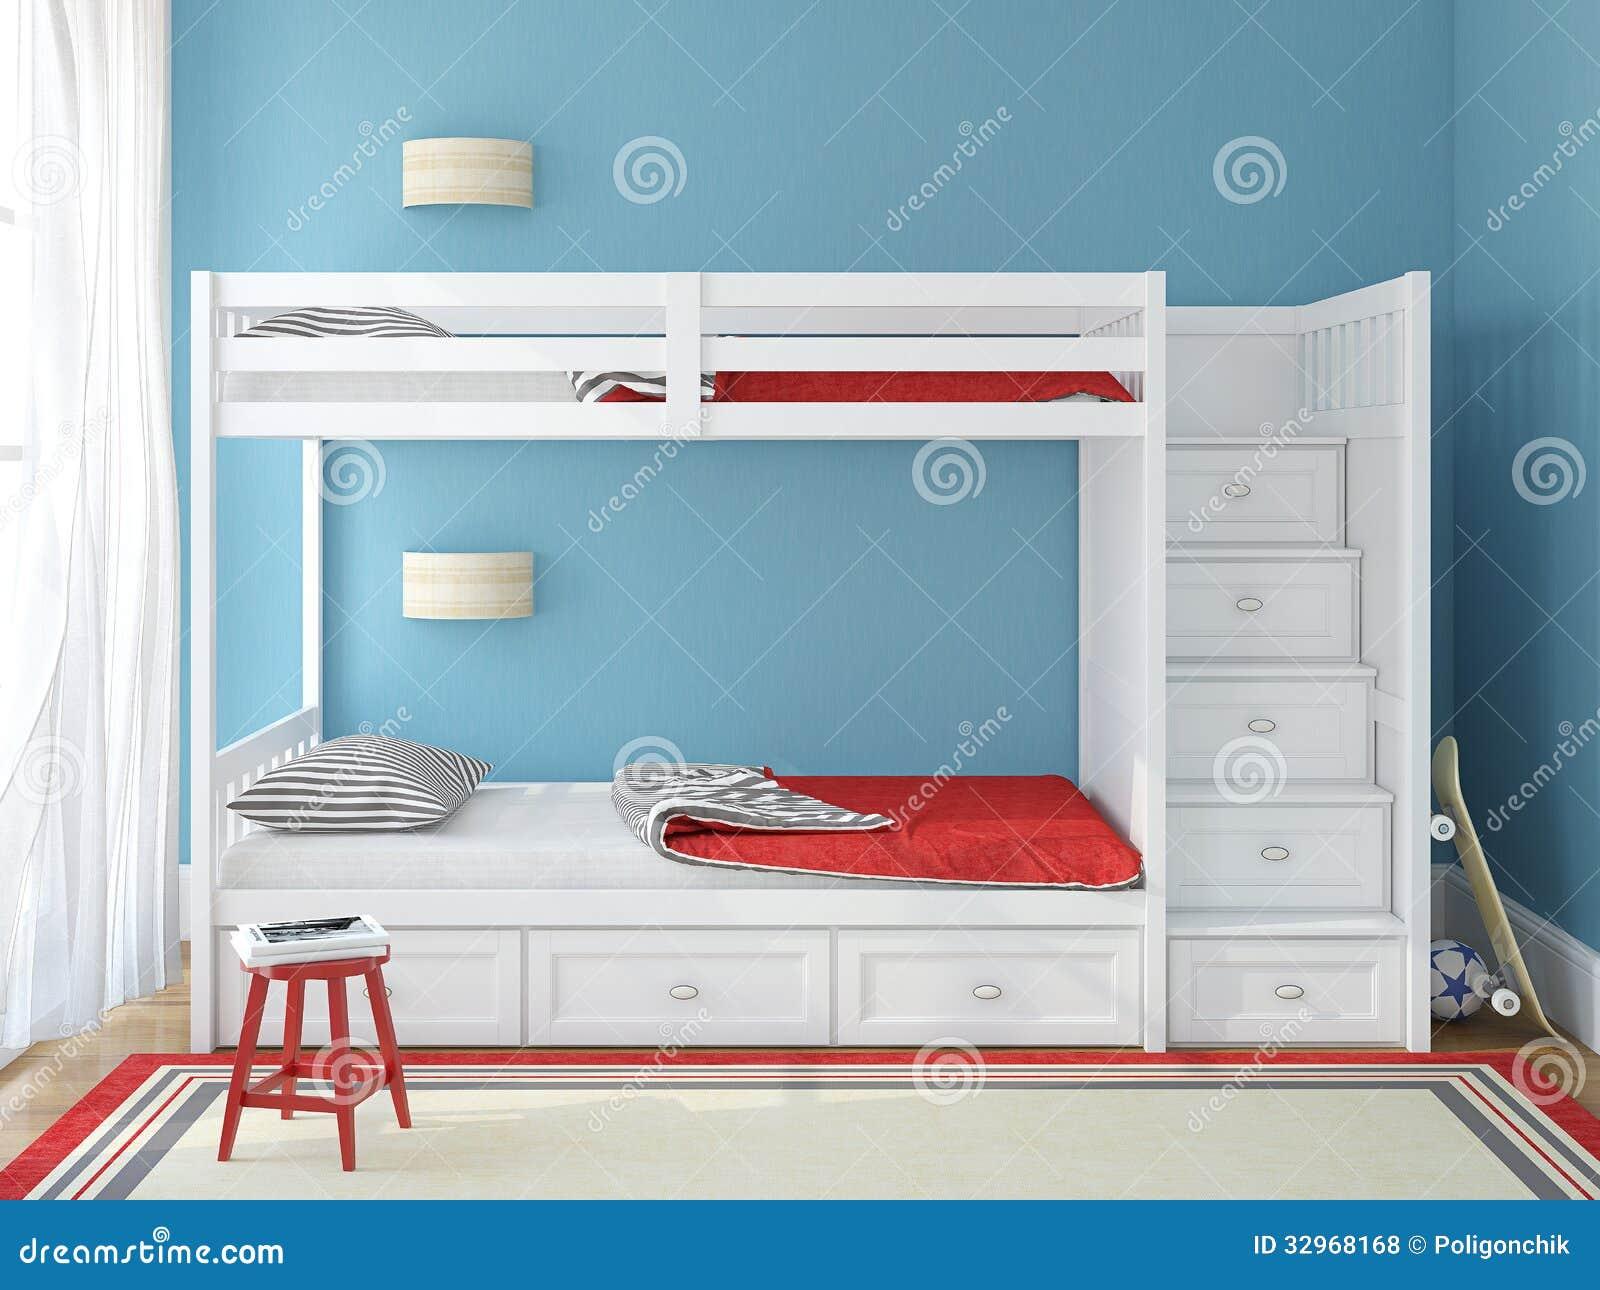 La camera da letto dei bambini illustrazione di stock - Camera da letto bambini ...